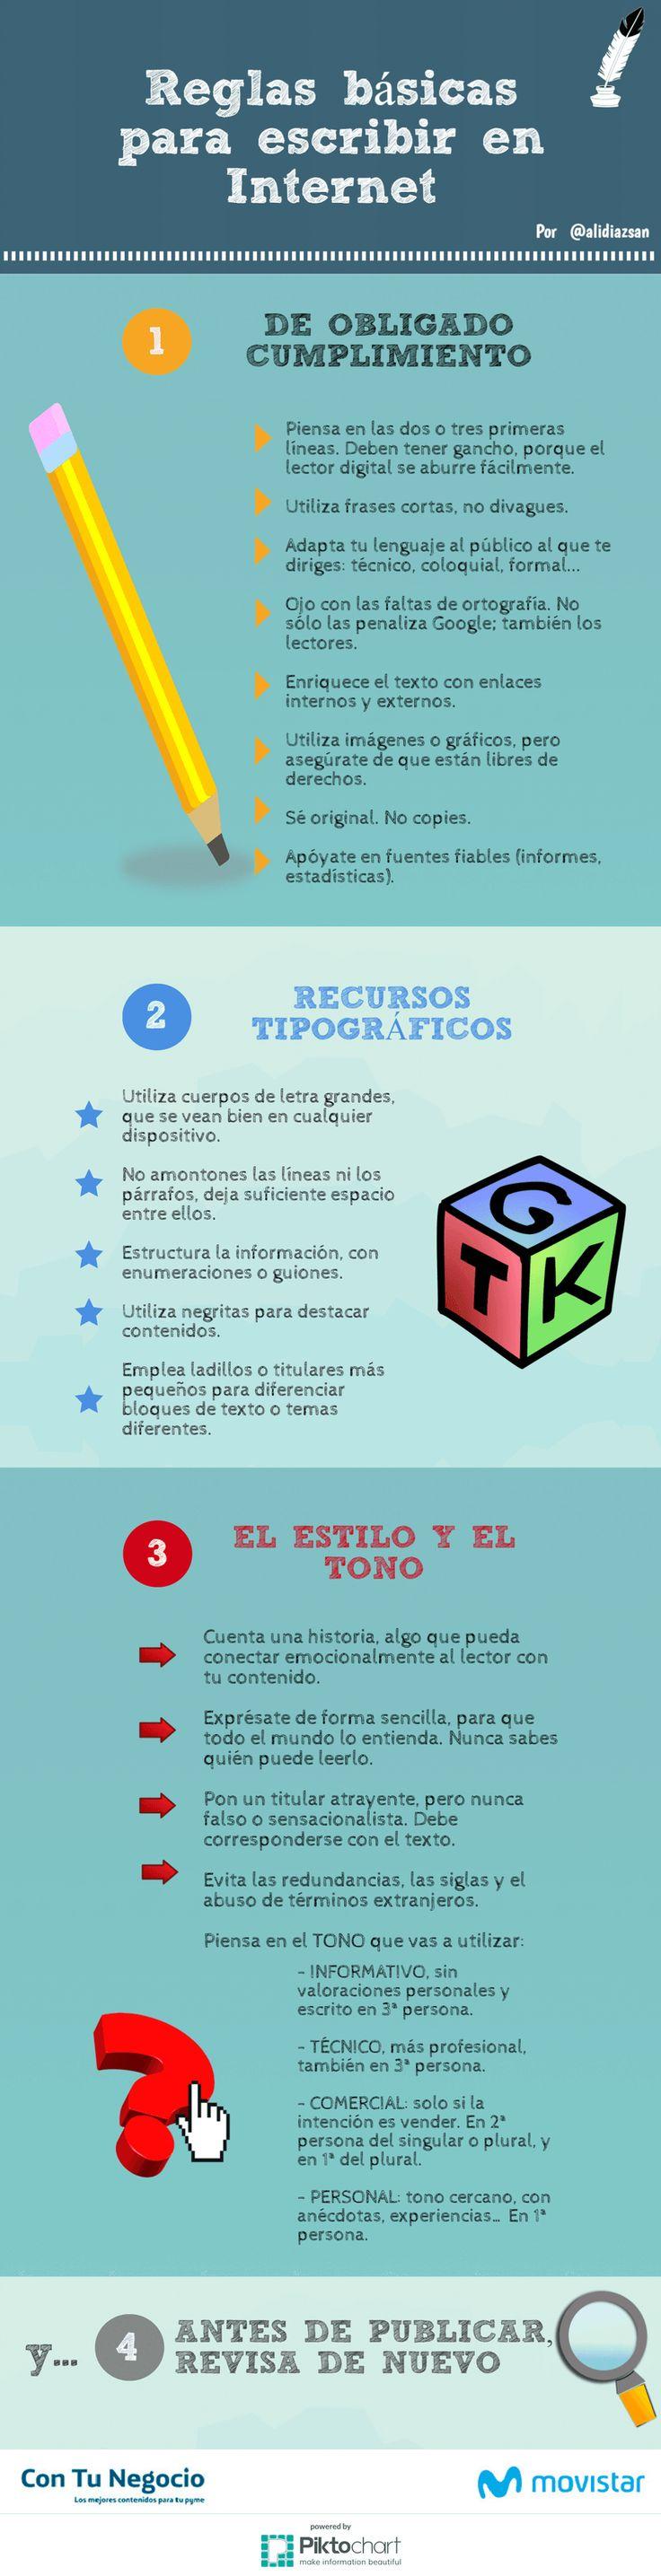 Reglas básicas para escribir en Internet #internet